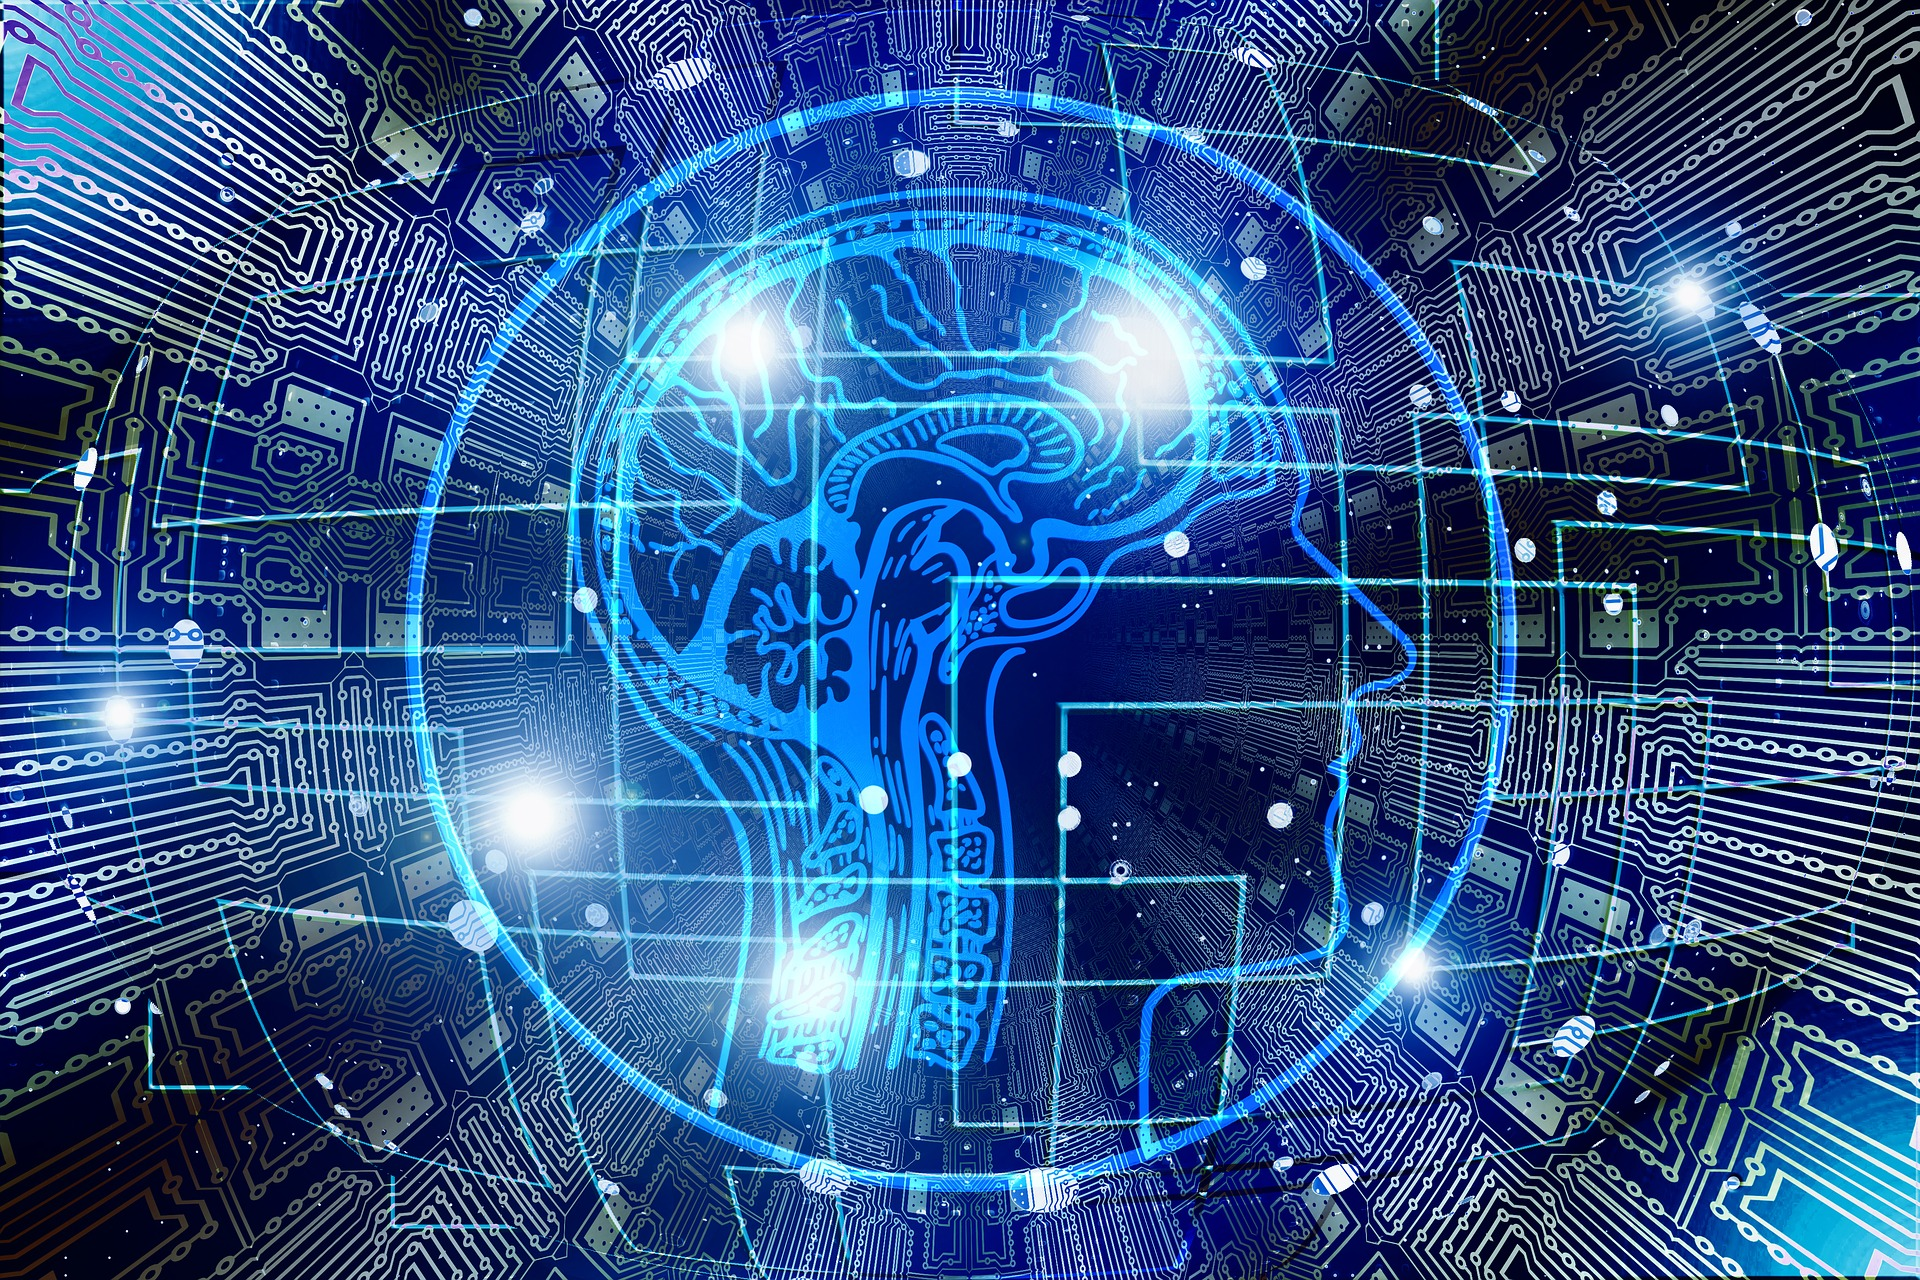 Avec «Invenio», l'ARPP franchit une nouvelle étape issue de sa R&D dans l'accompagnement déontologique de la publicité digitale